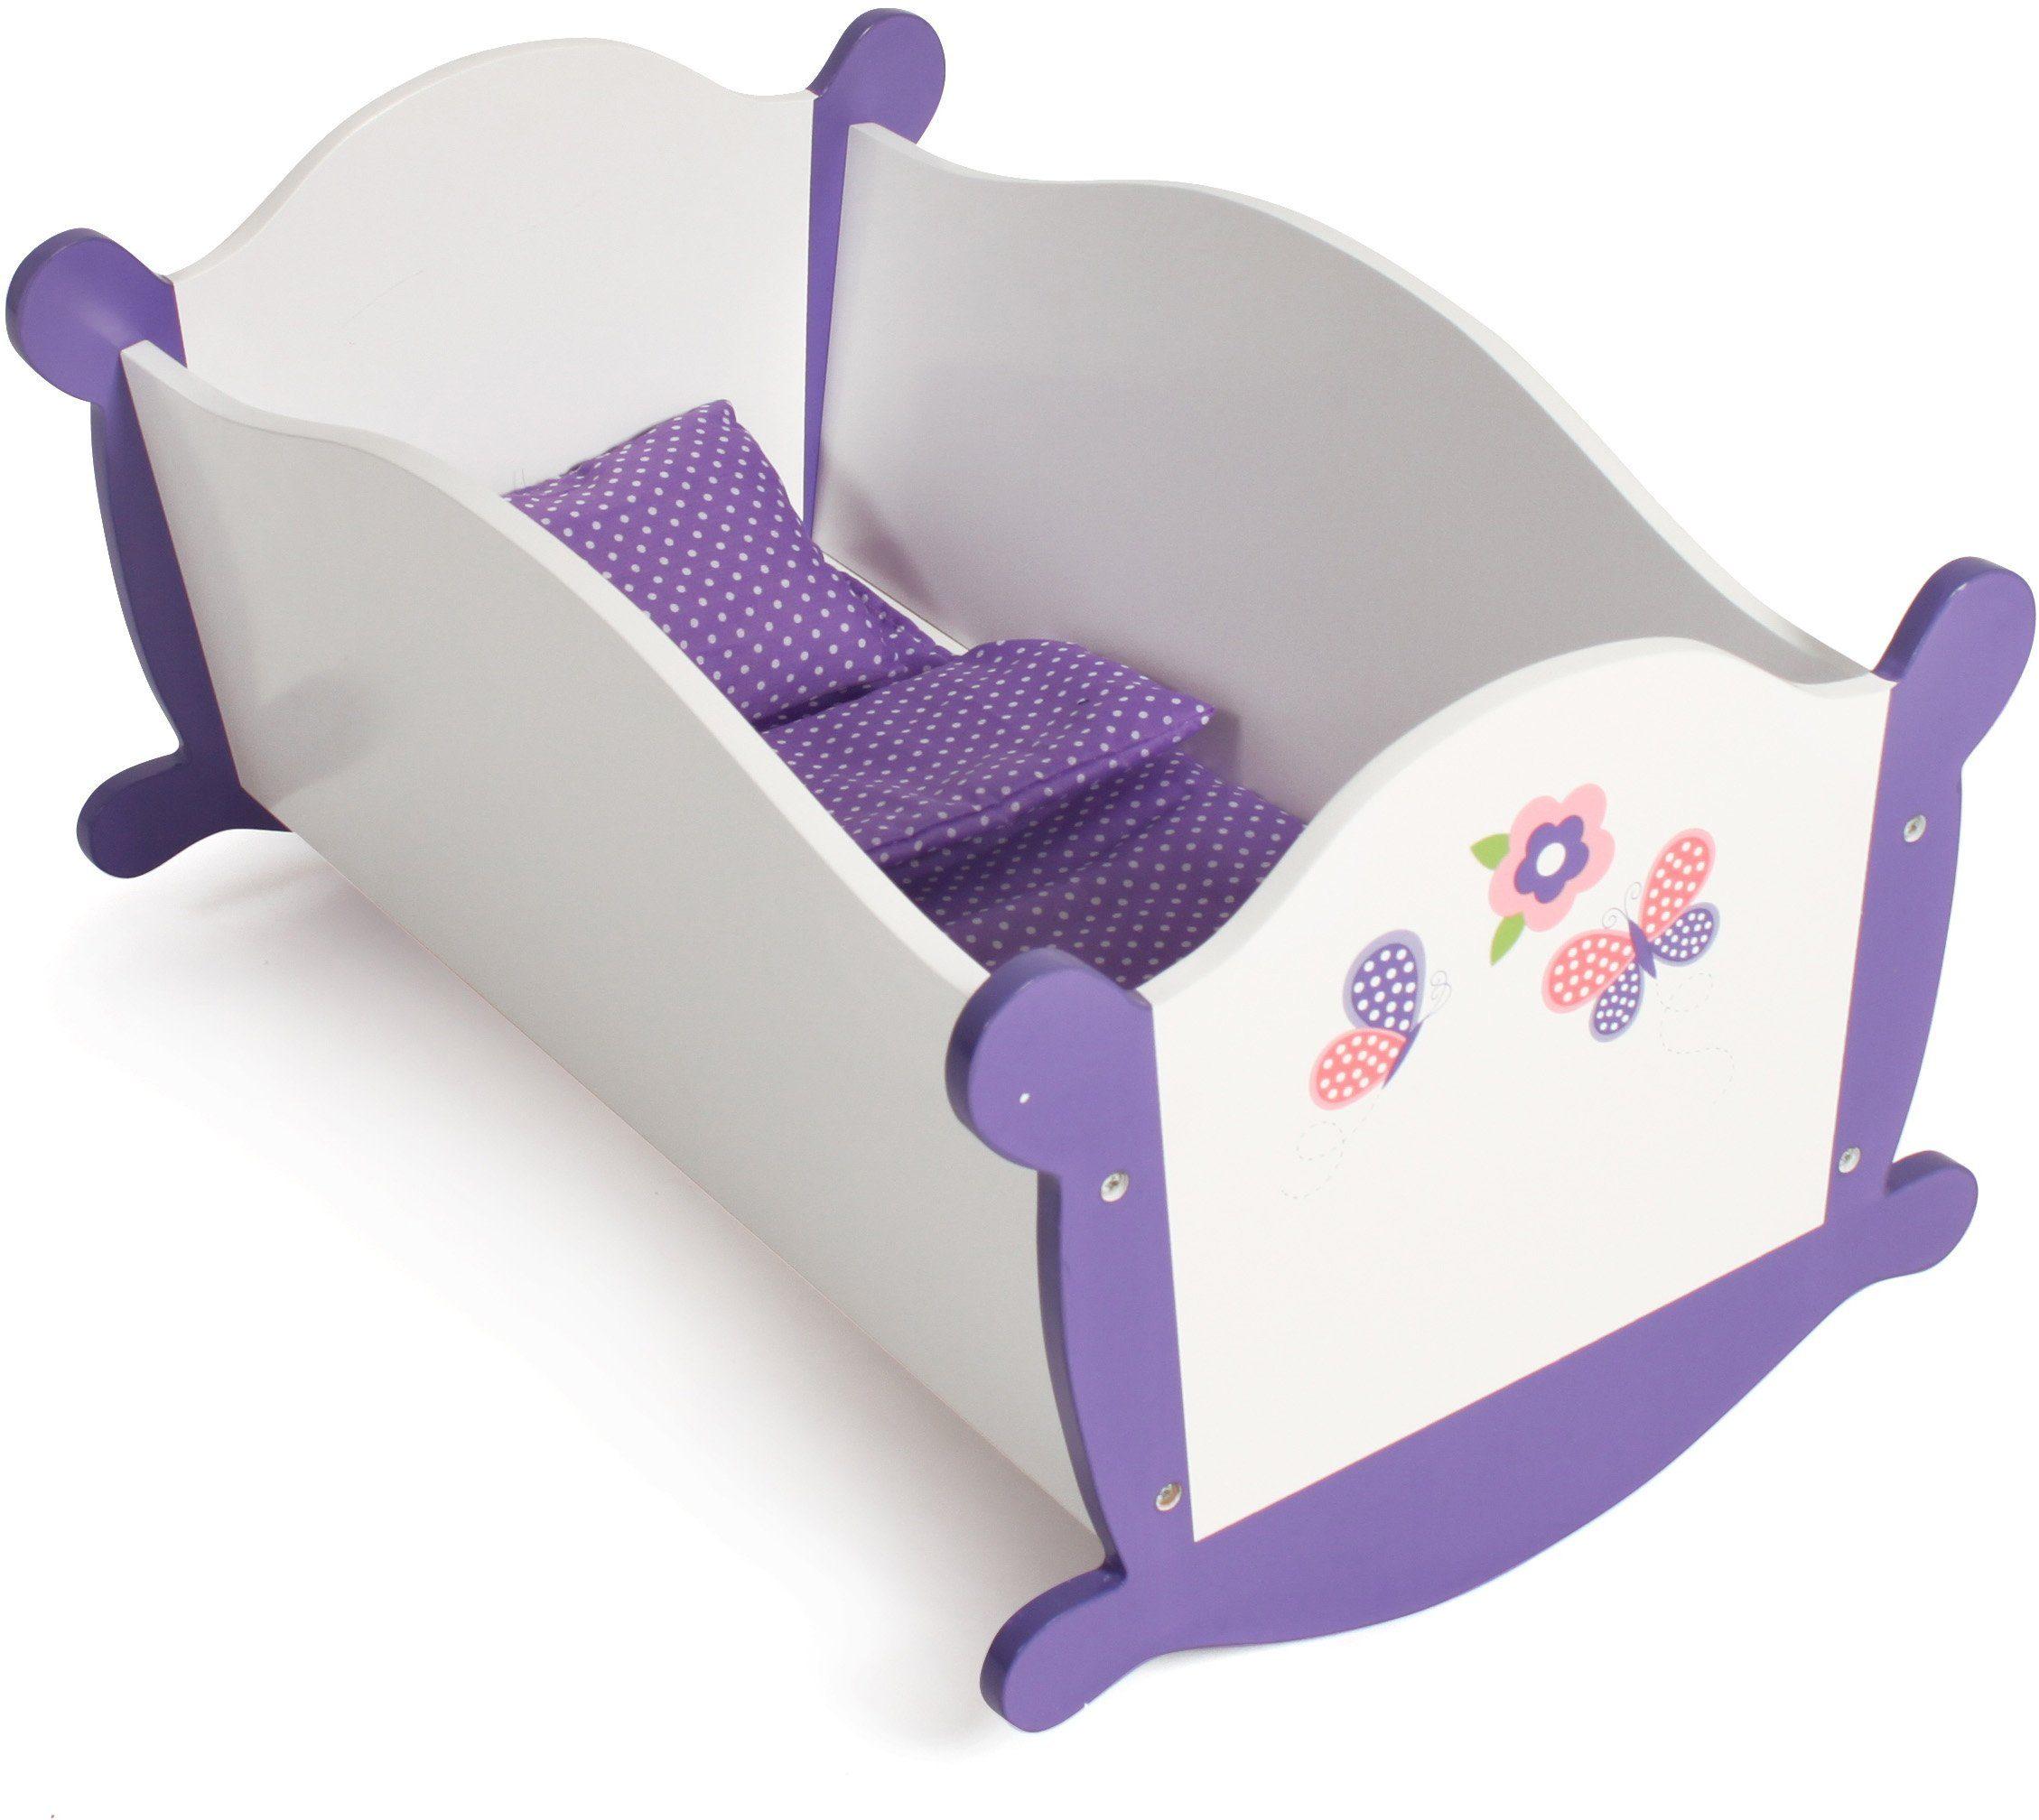 CHIC2000 Puppenwiege, »Papilio purple«